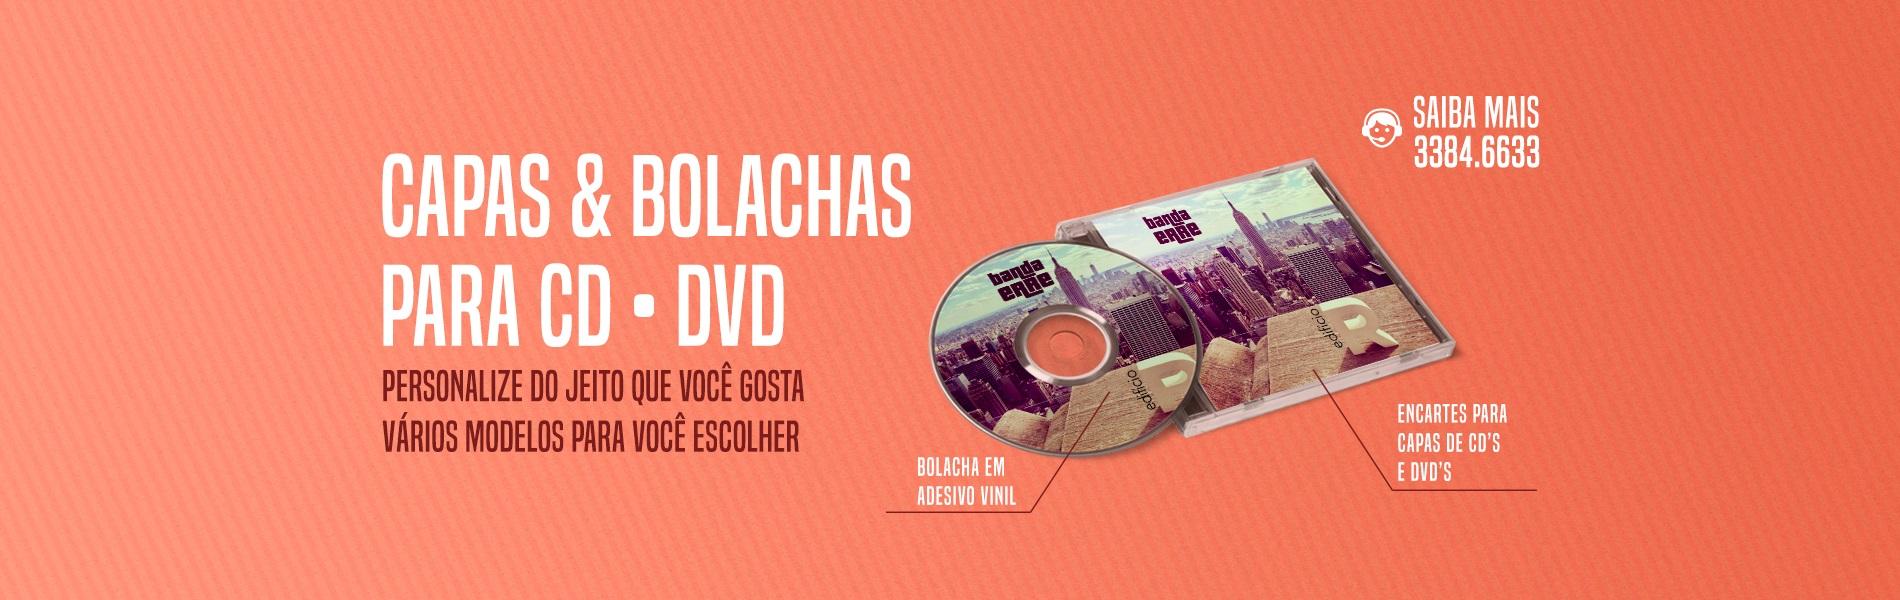 capas-de-cd-e-dvd